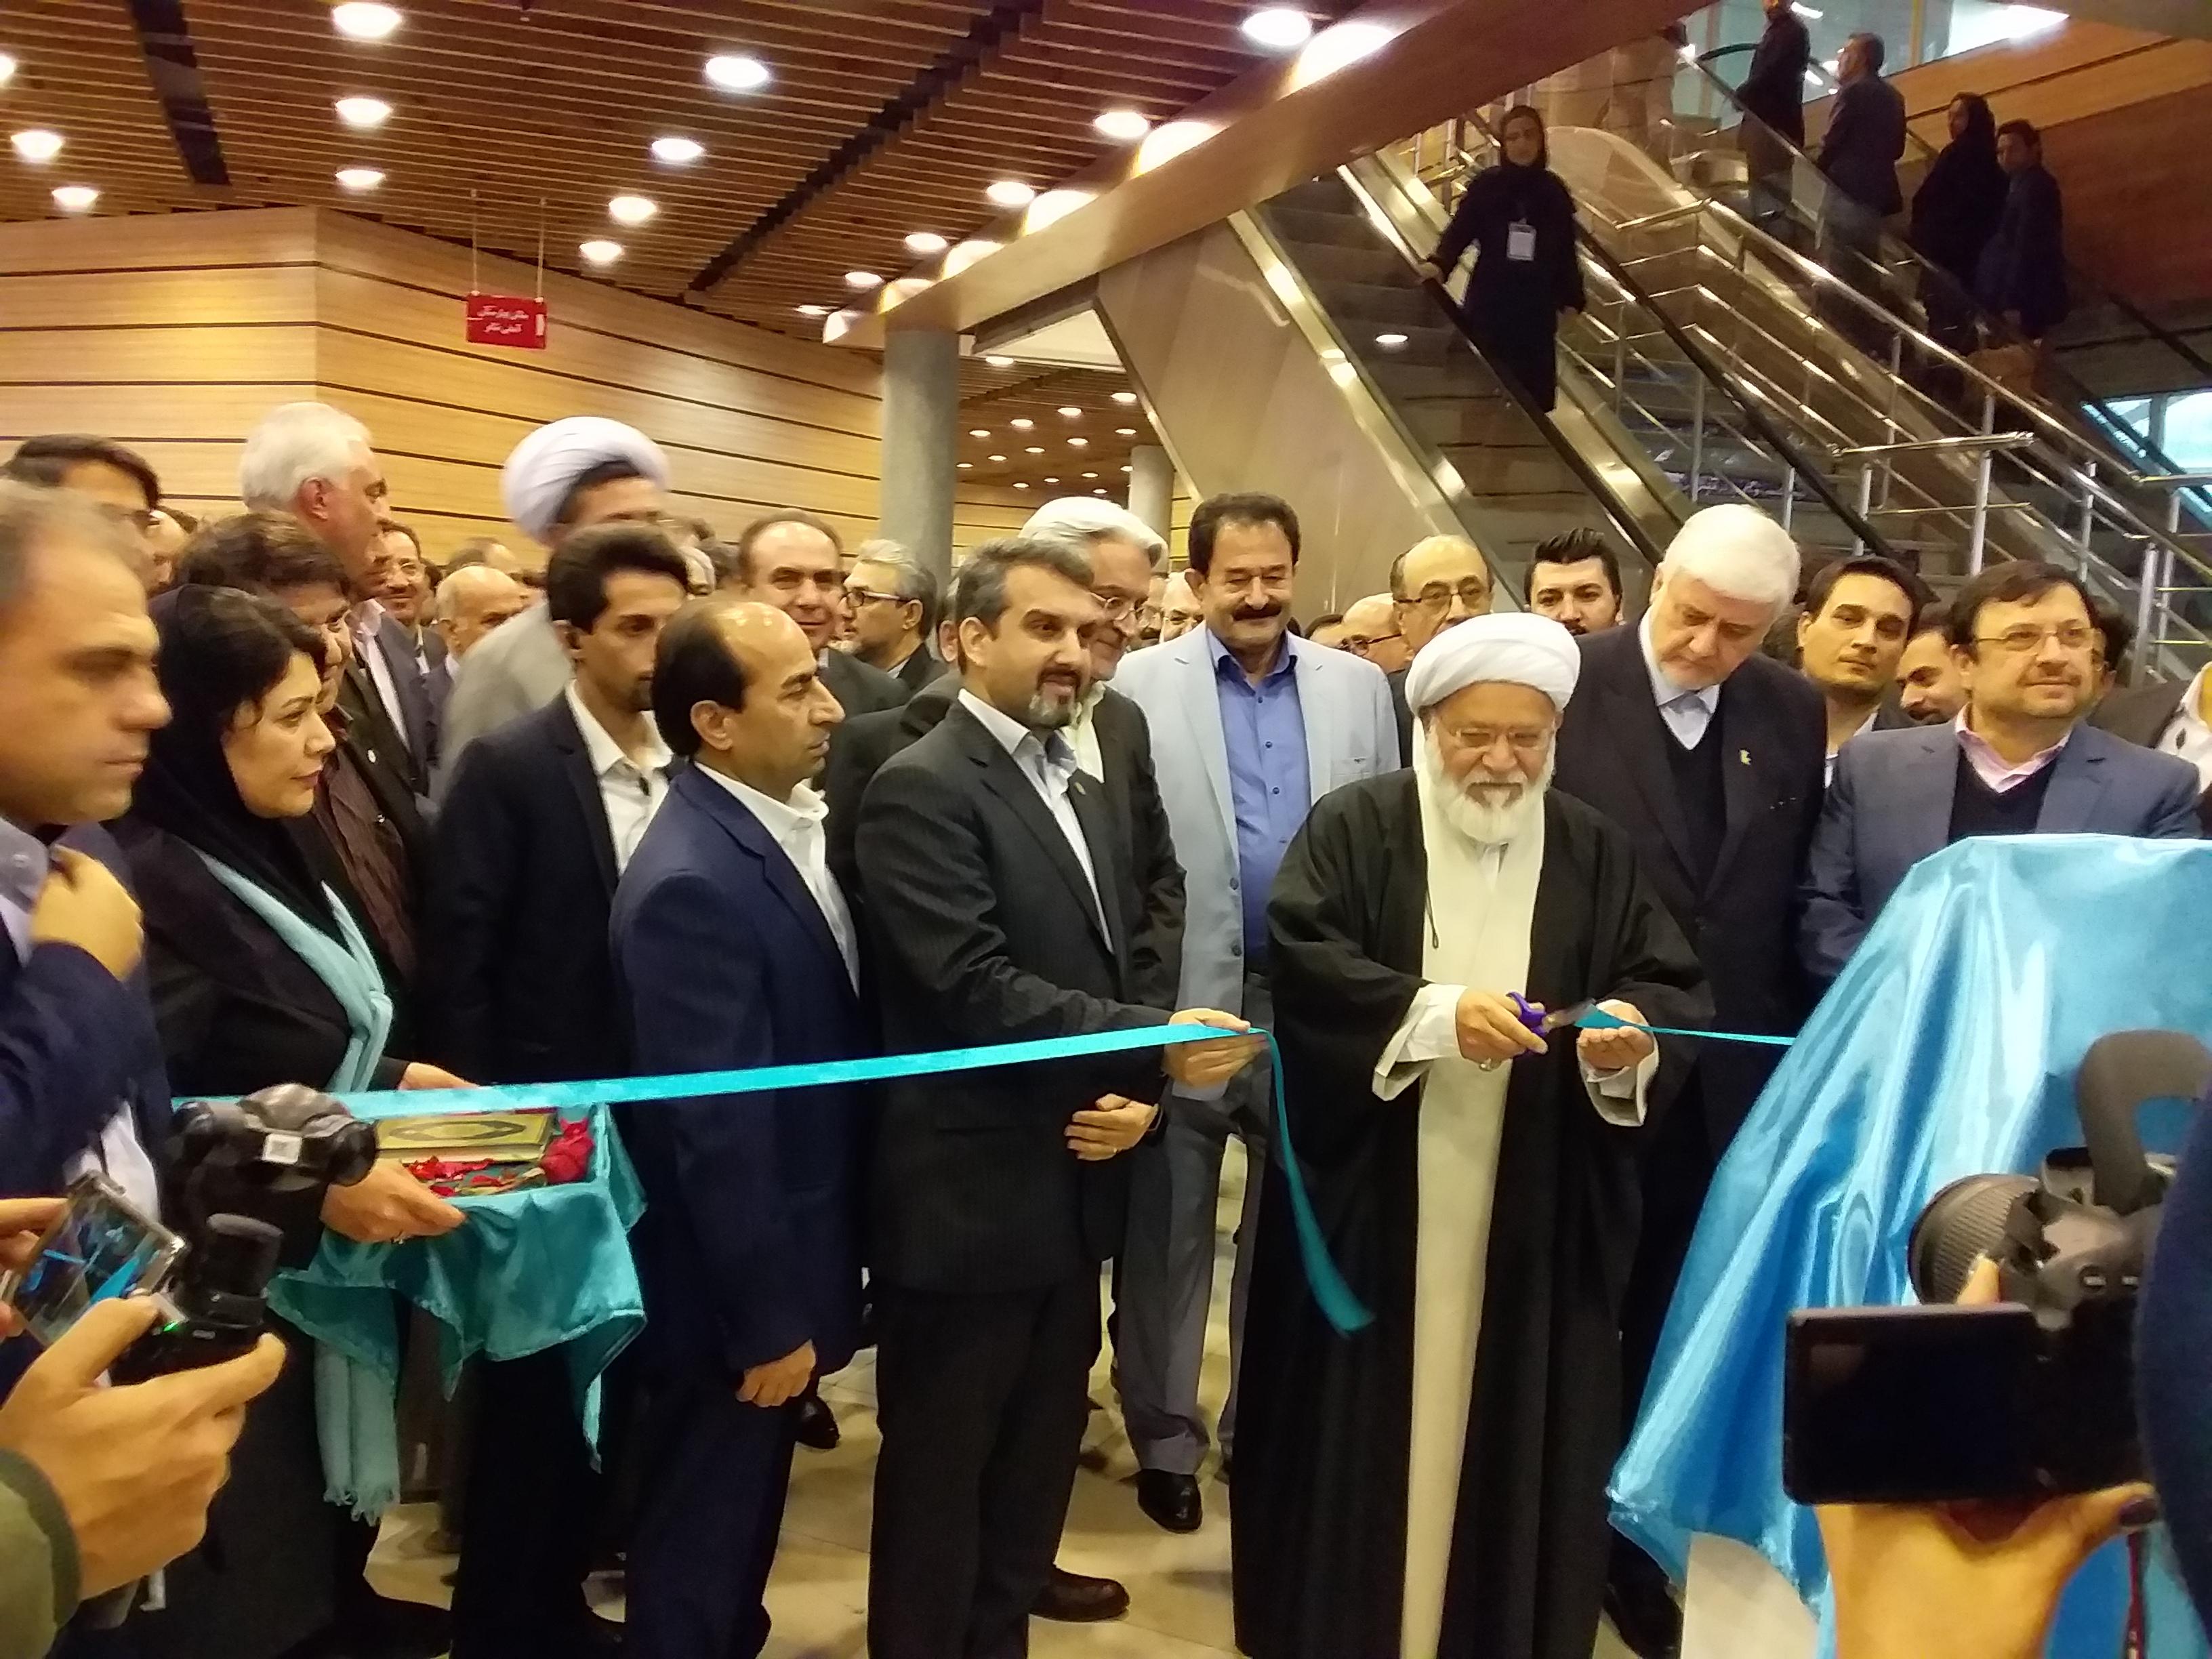 مراسم گشایش چهارمین نمایشگاه تراکنش ایران ITE 2018